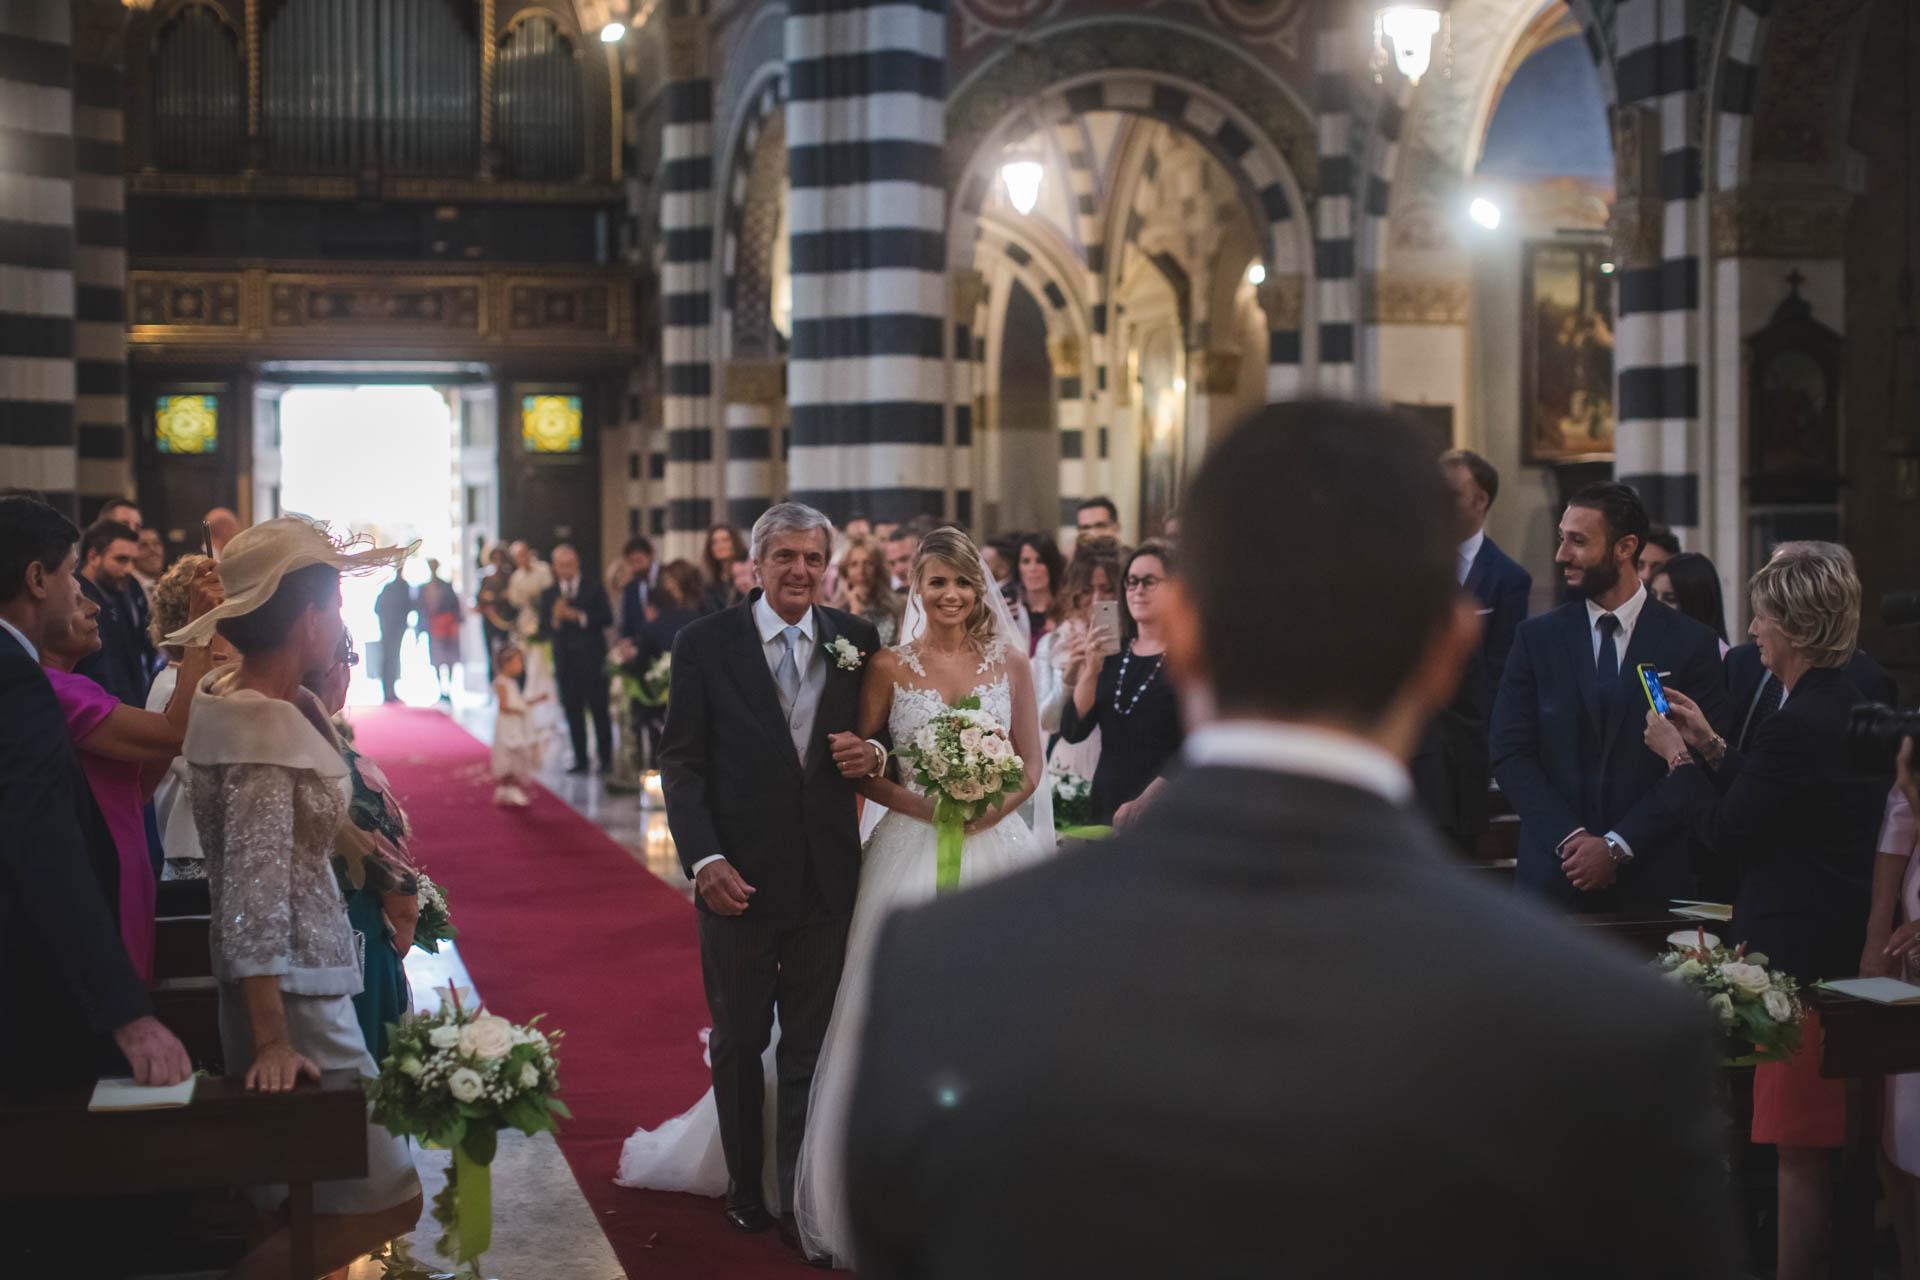 chiesa sposa entrata papà cerimonia invitati